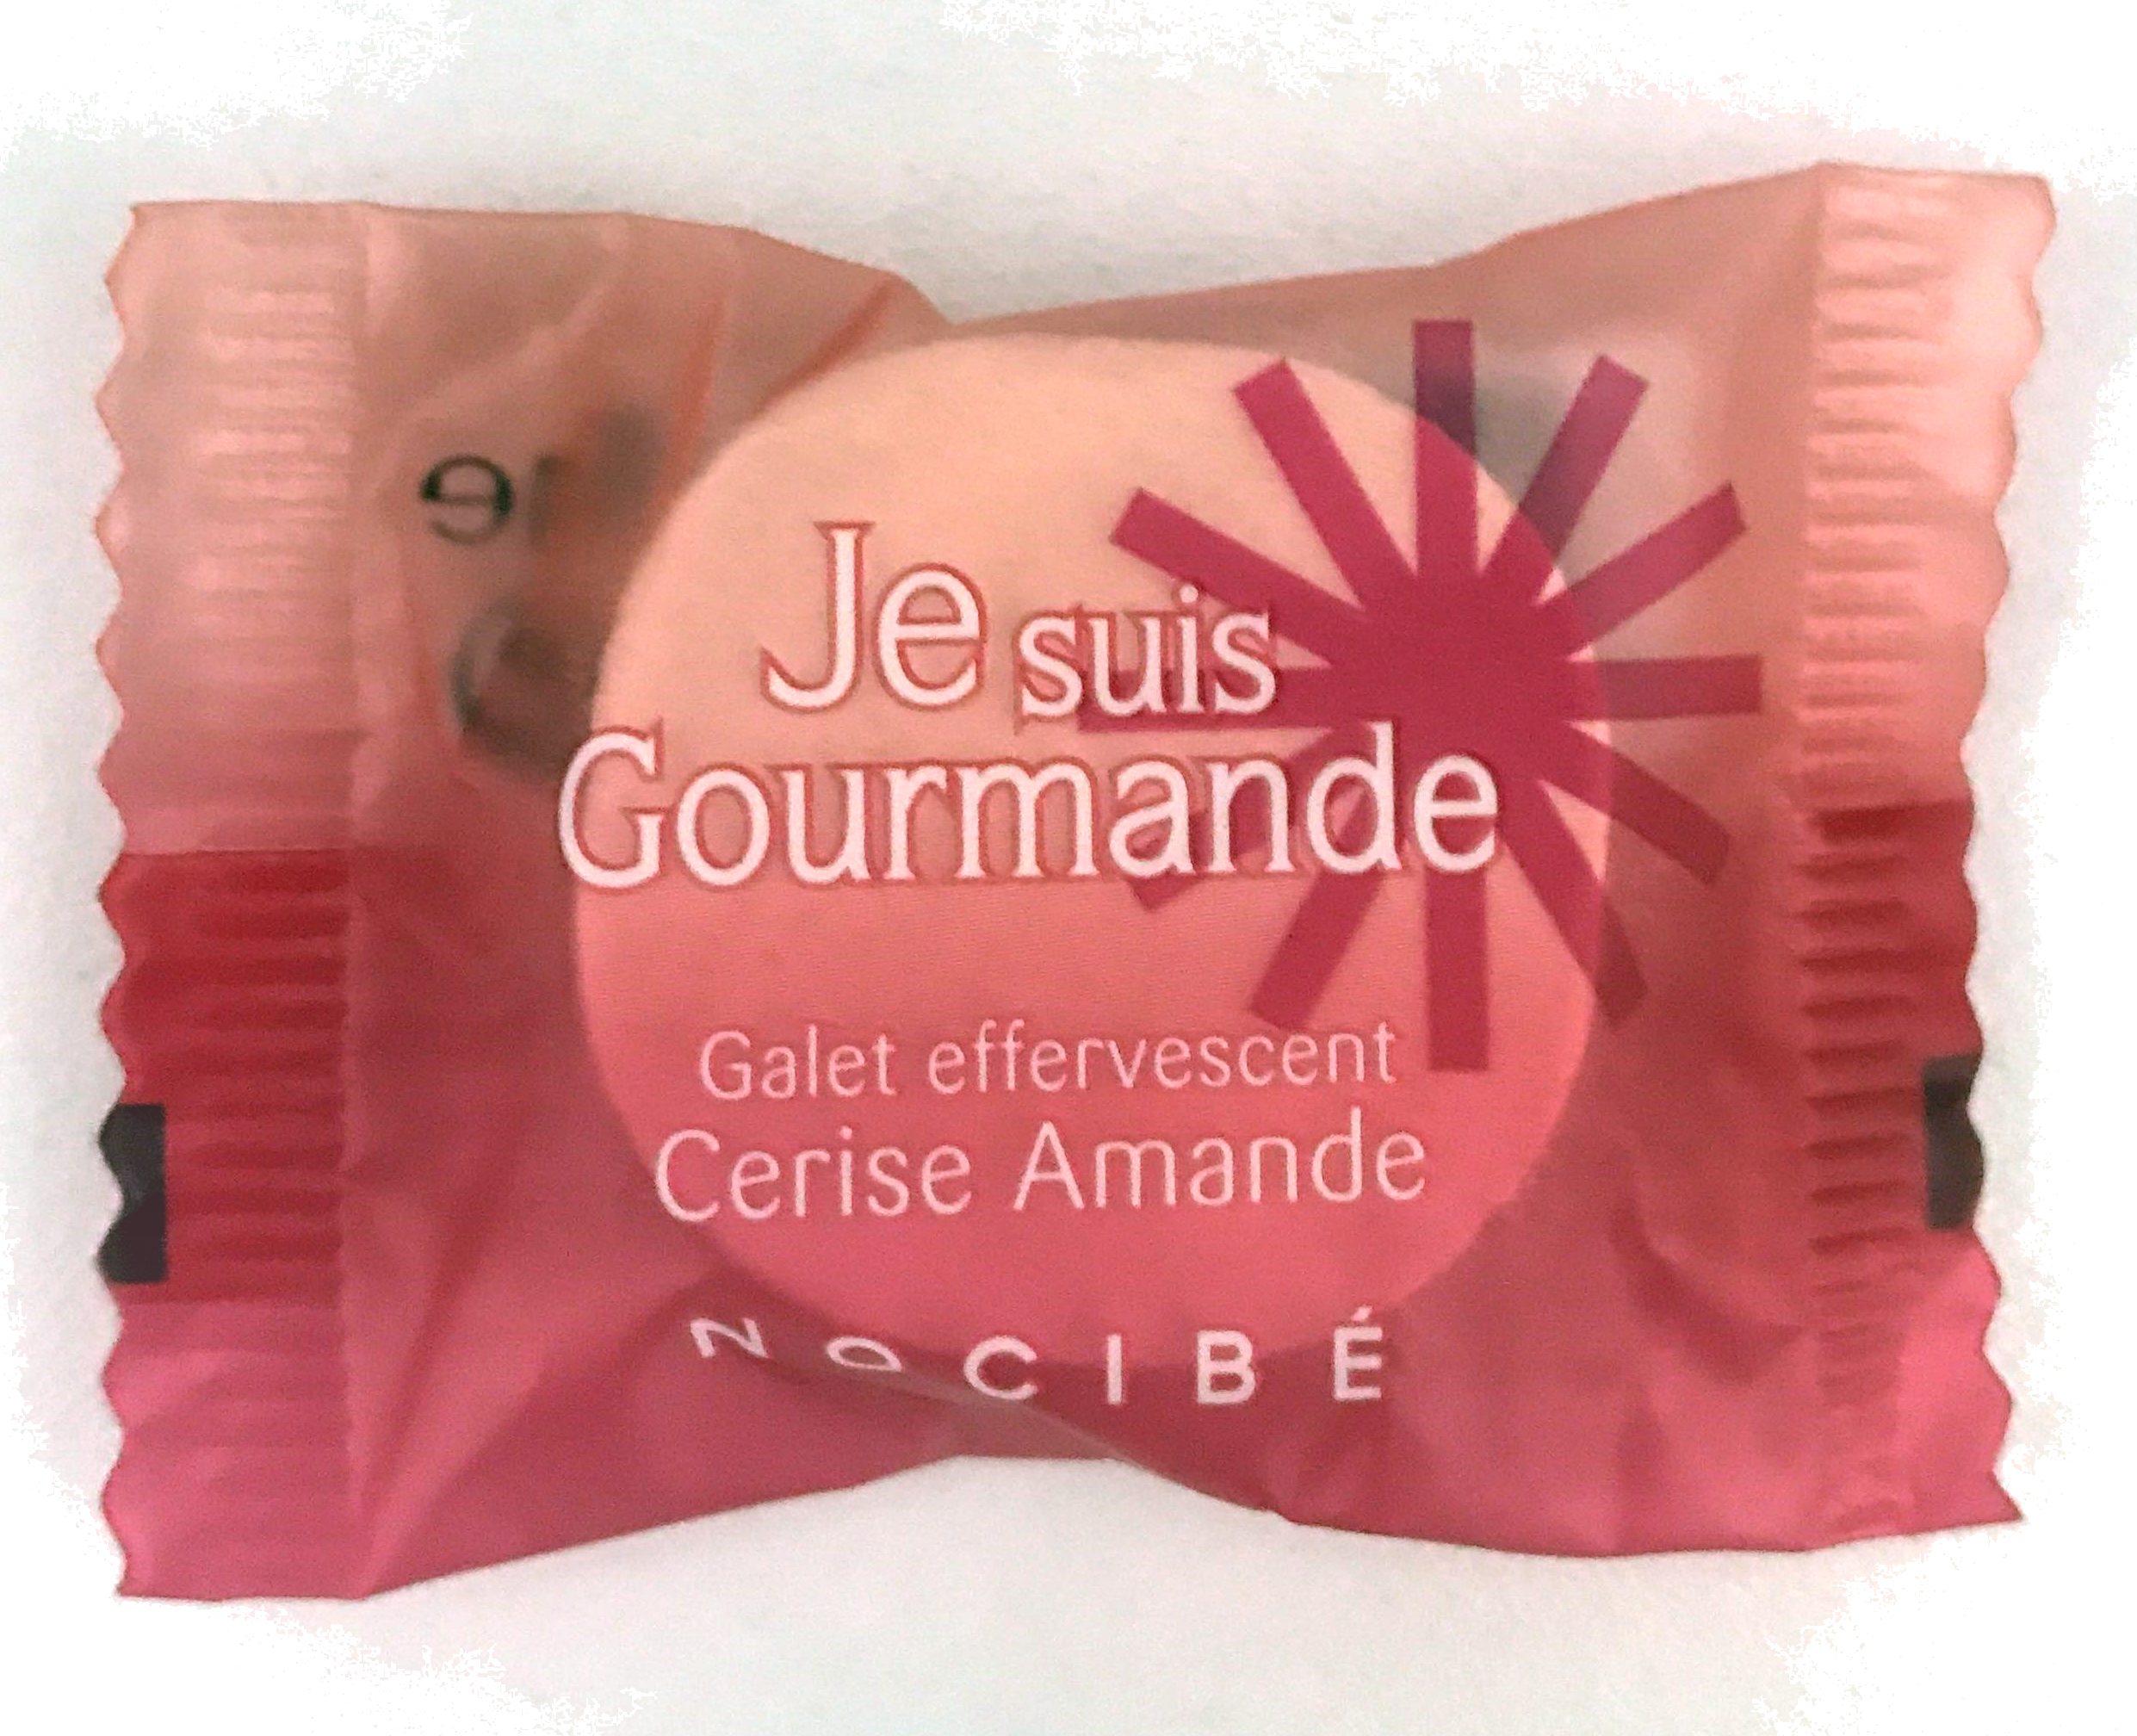 Je suis Gourmande Galet effervescent Cerise Amande - Product - fr